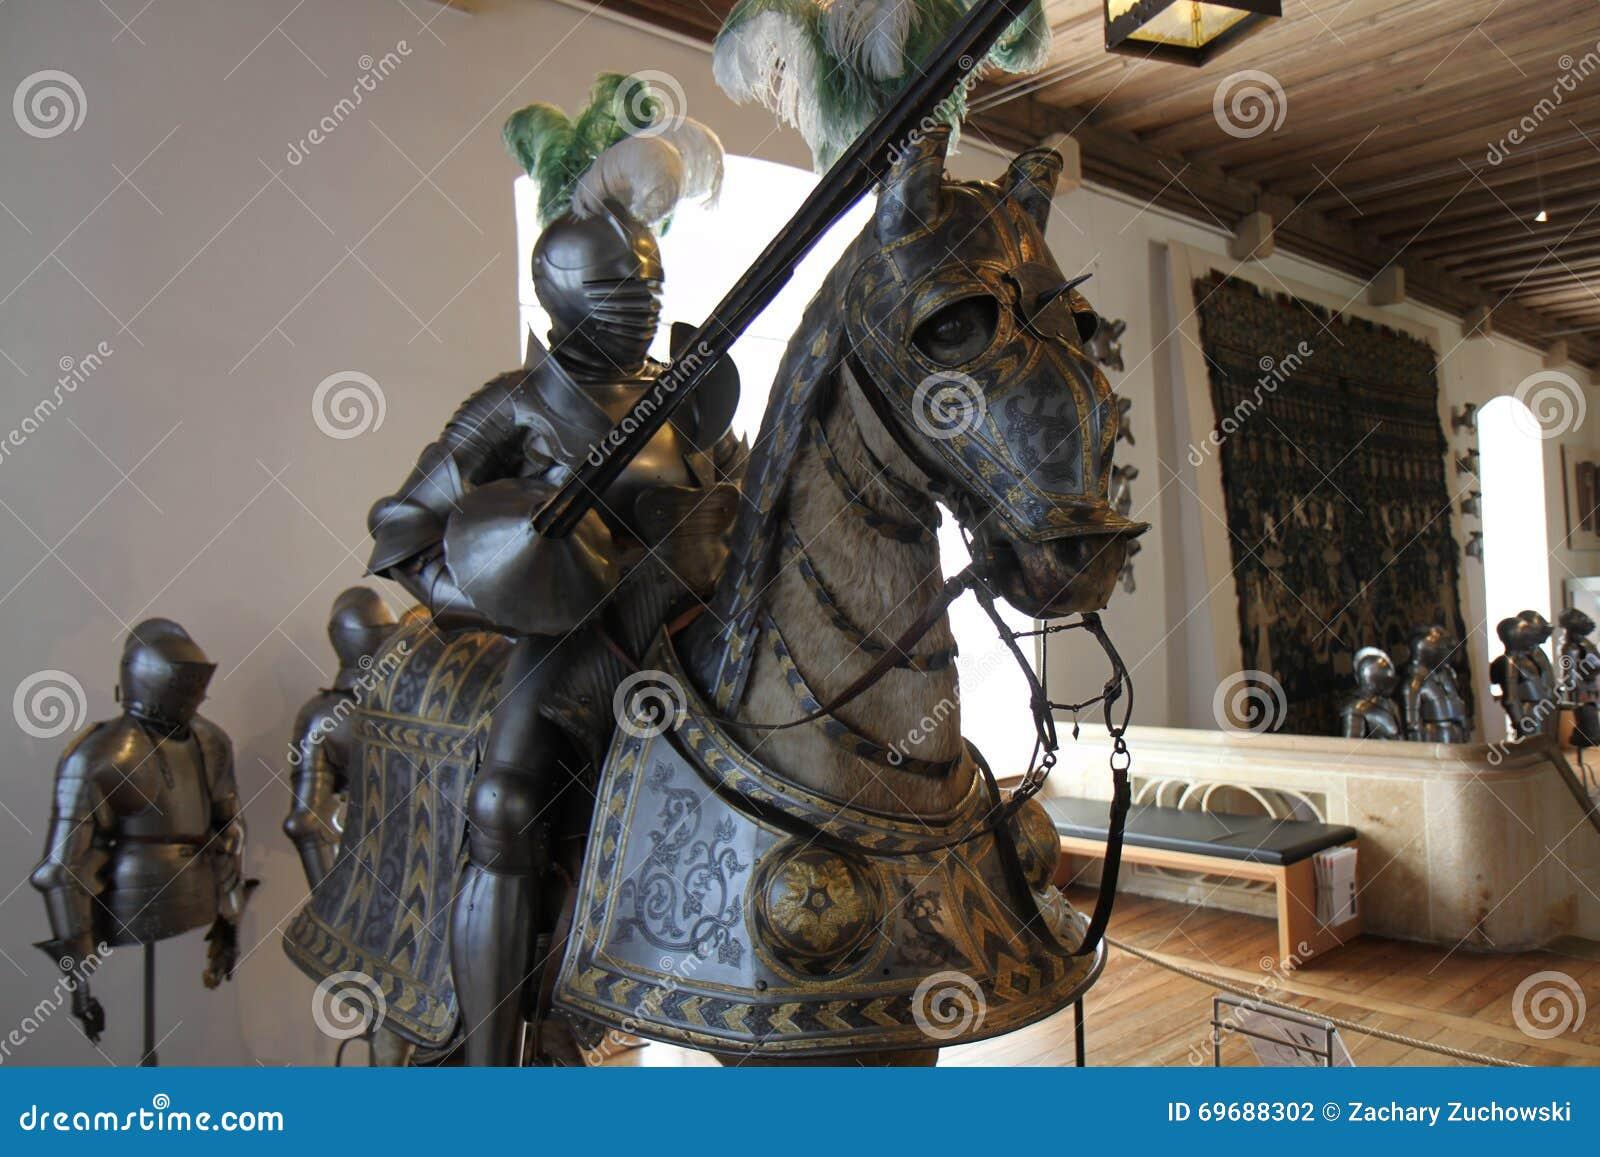 Knight la armadura una armadura jousting de la lanza y del caballo